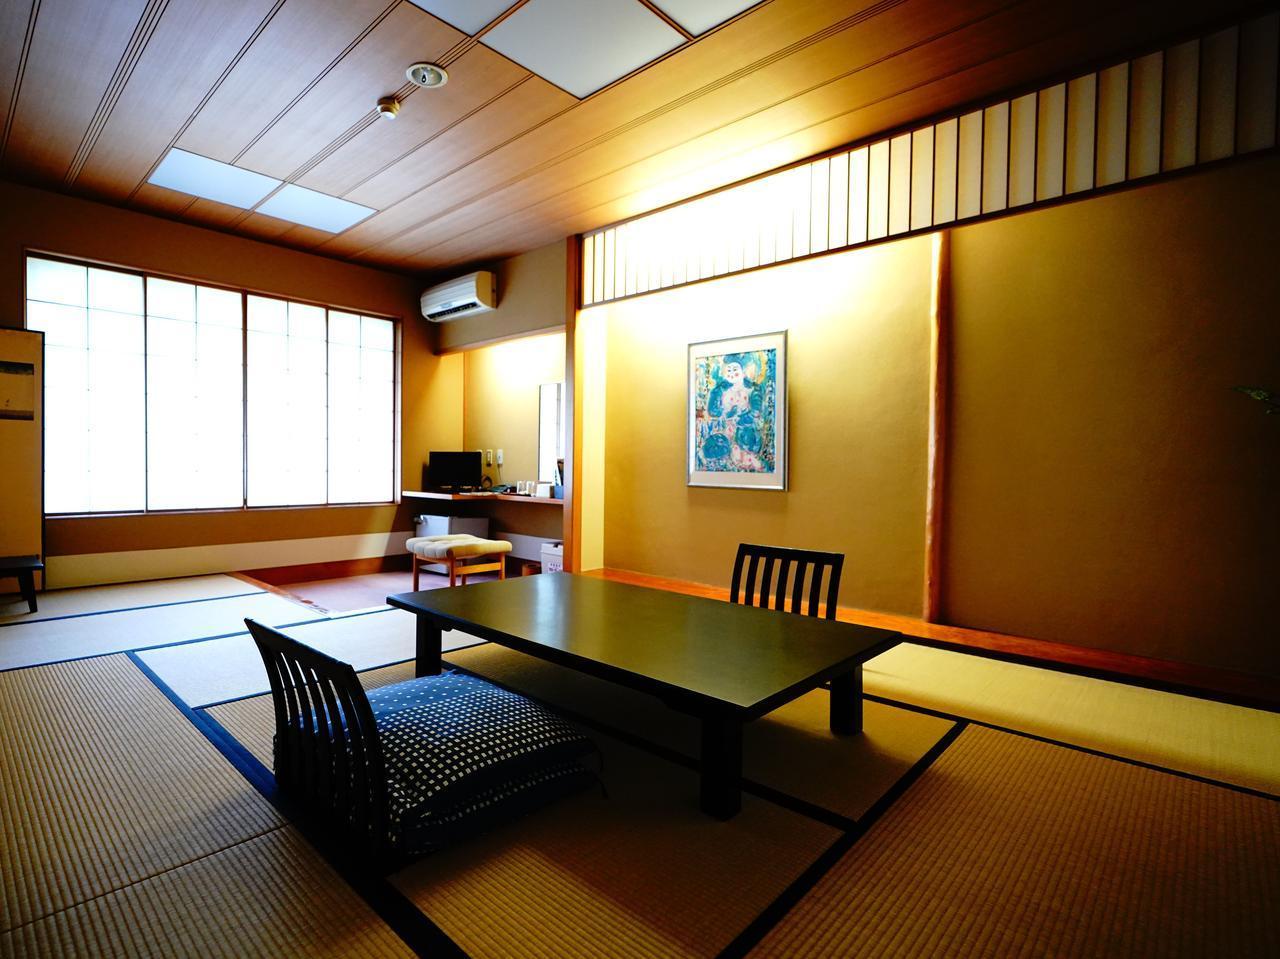 画像: 高級感のある室内。窓を開けると松林越しに海が見えますよ!